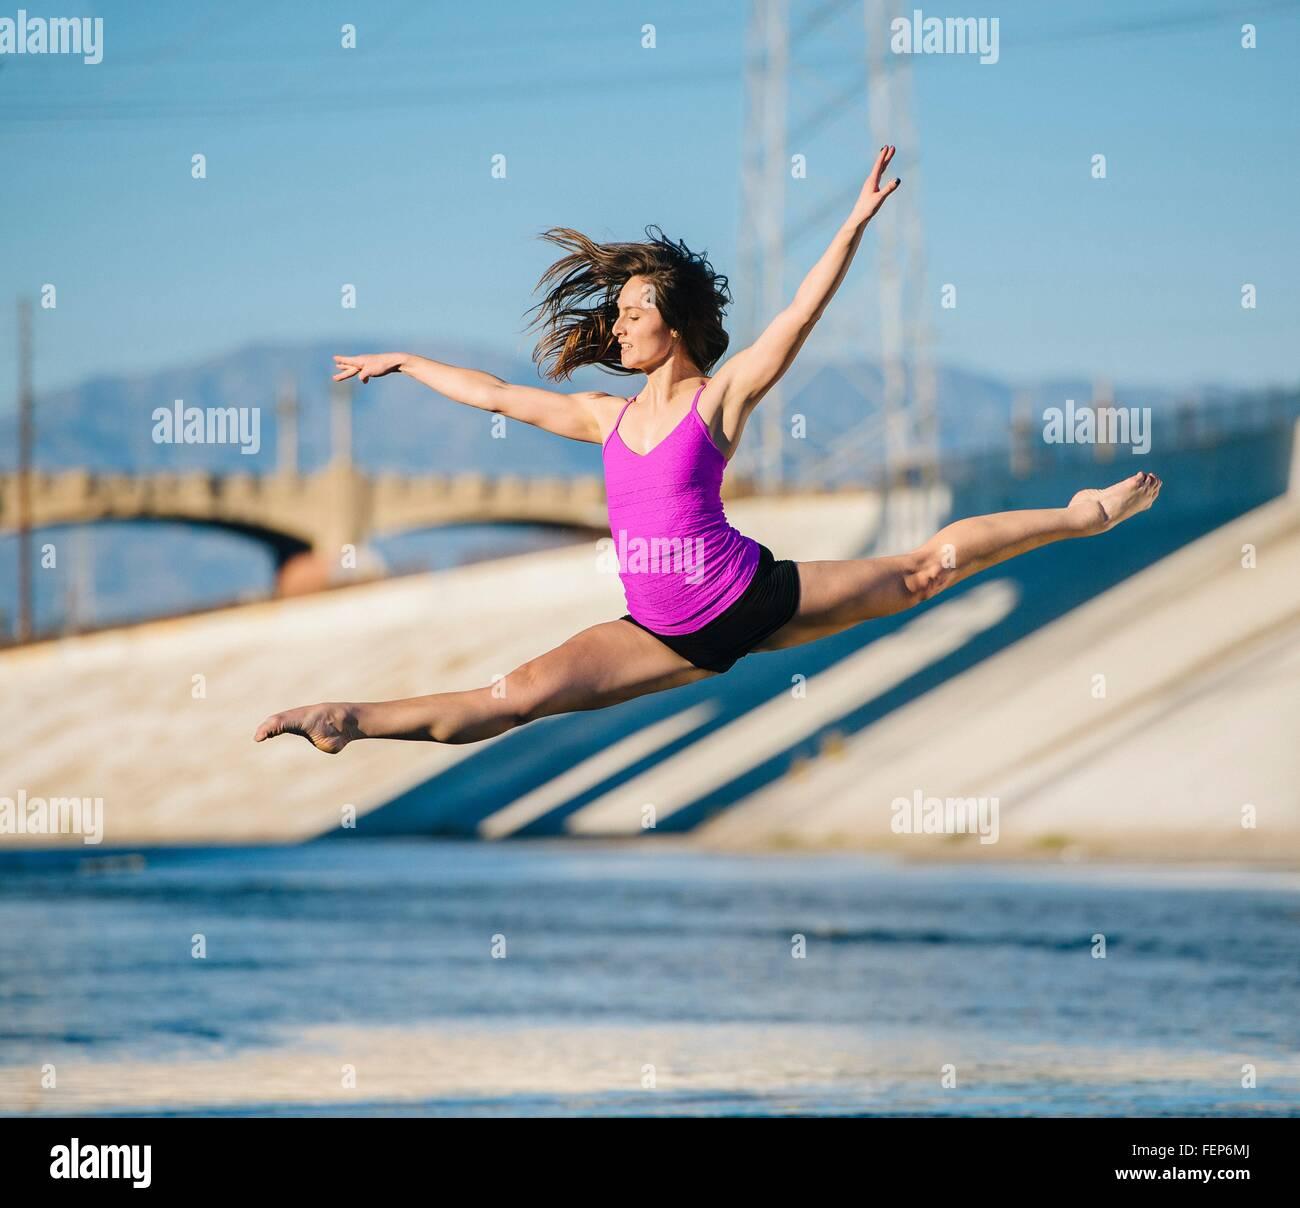 Bailarina en medio del aire, brazos levantados haciendo las divisiones, Los Ángeles, California, Estados Unidos. Imagen De Stock